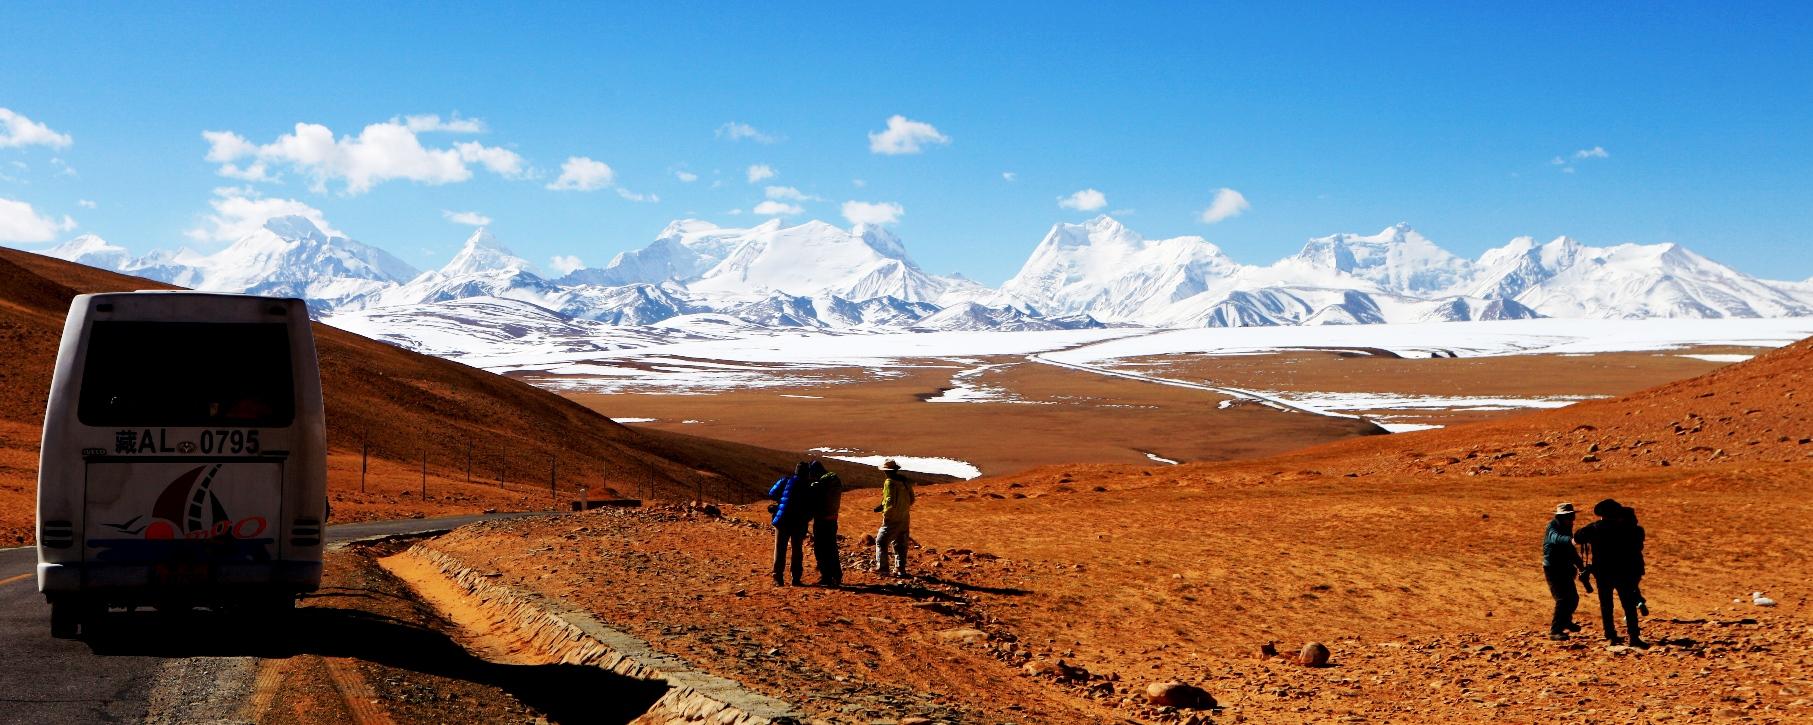 ヒマラヤ山脈の大パノラマを望む(中国・チベット)